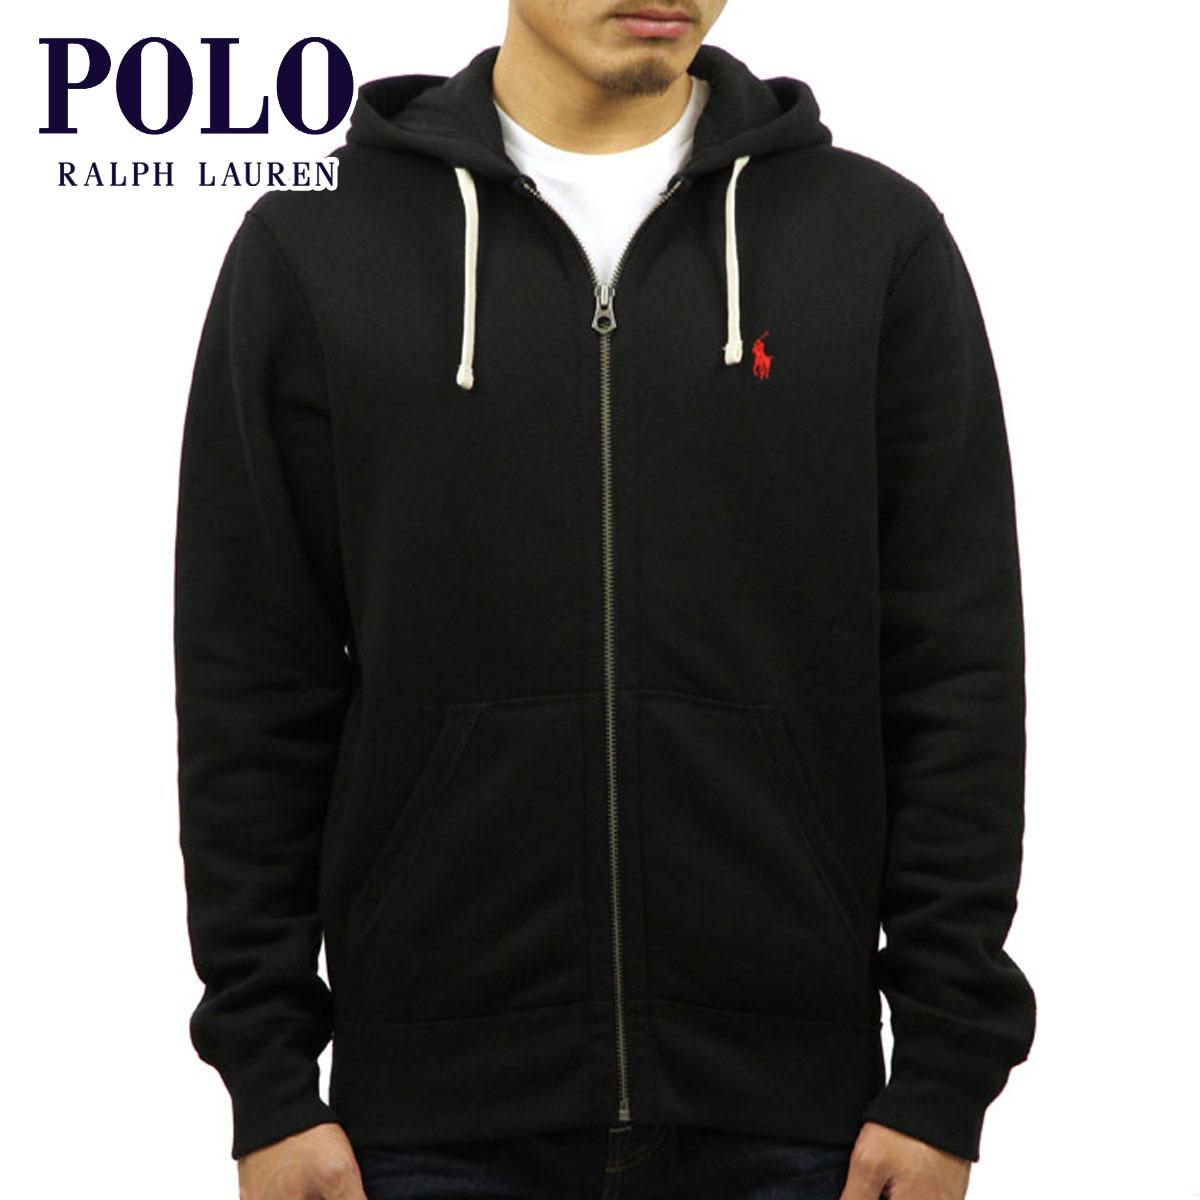 ポロ ラルフローレン POLO RALPH LAUREN 正規品 メンズ ジップアップパーカー Classic Fleece Hoodie D00S15